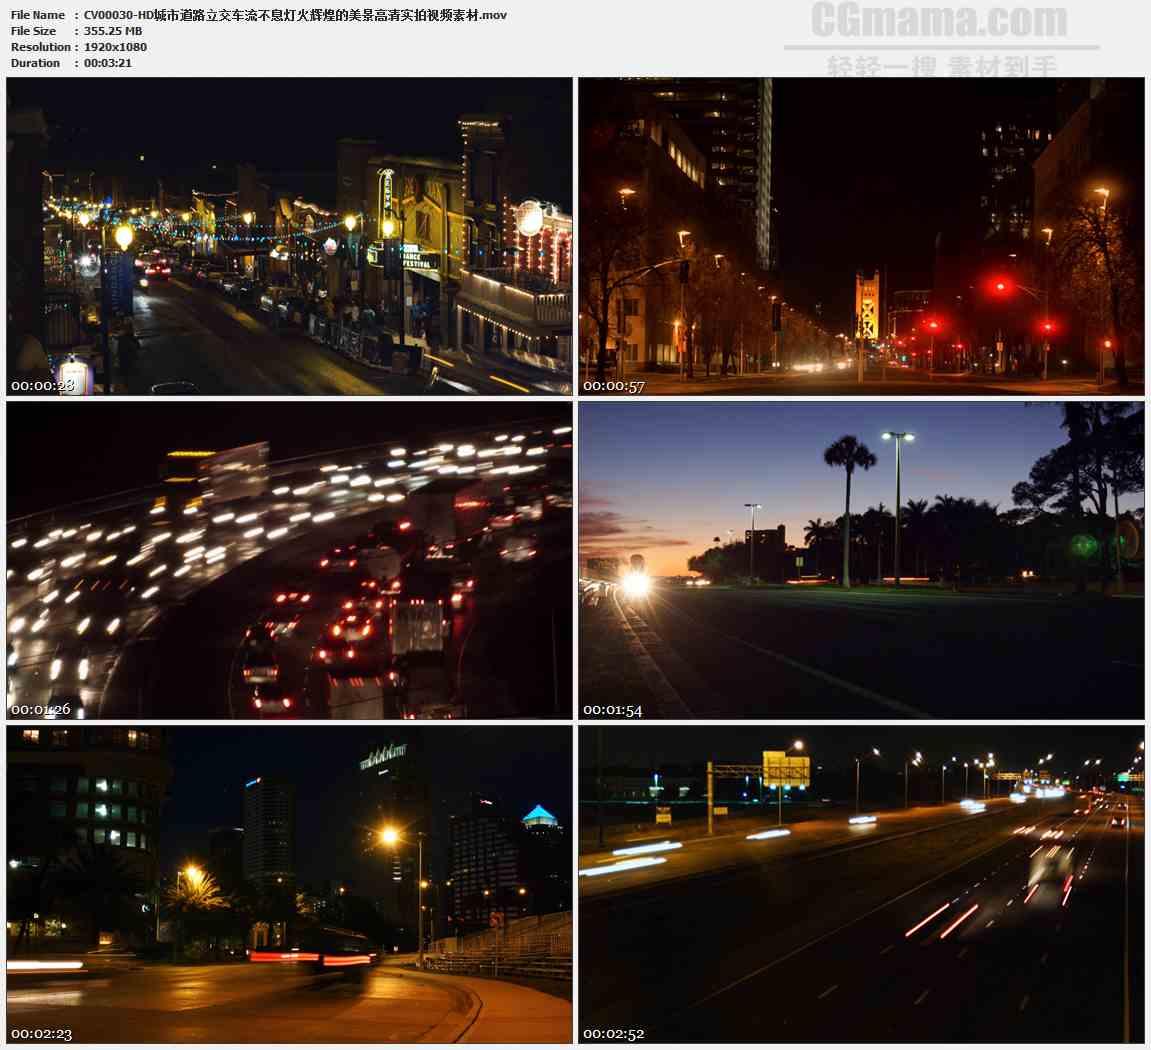 CV00030-城市街道夜景高清实拍视频素材